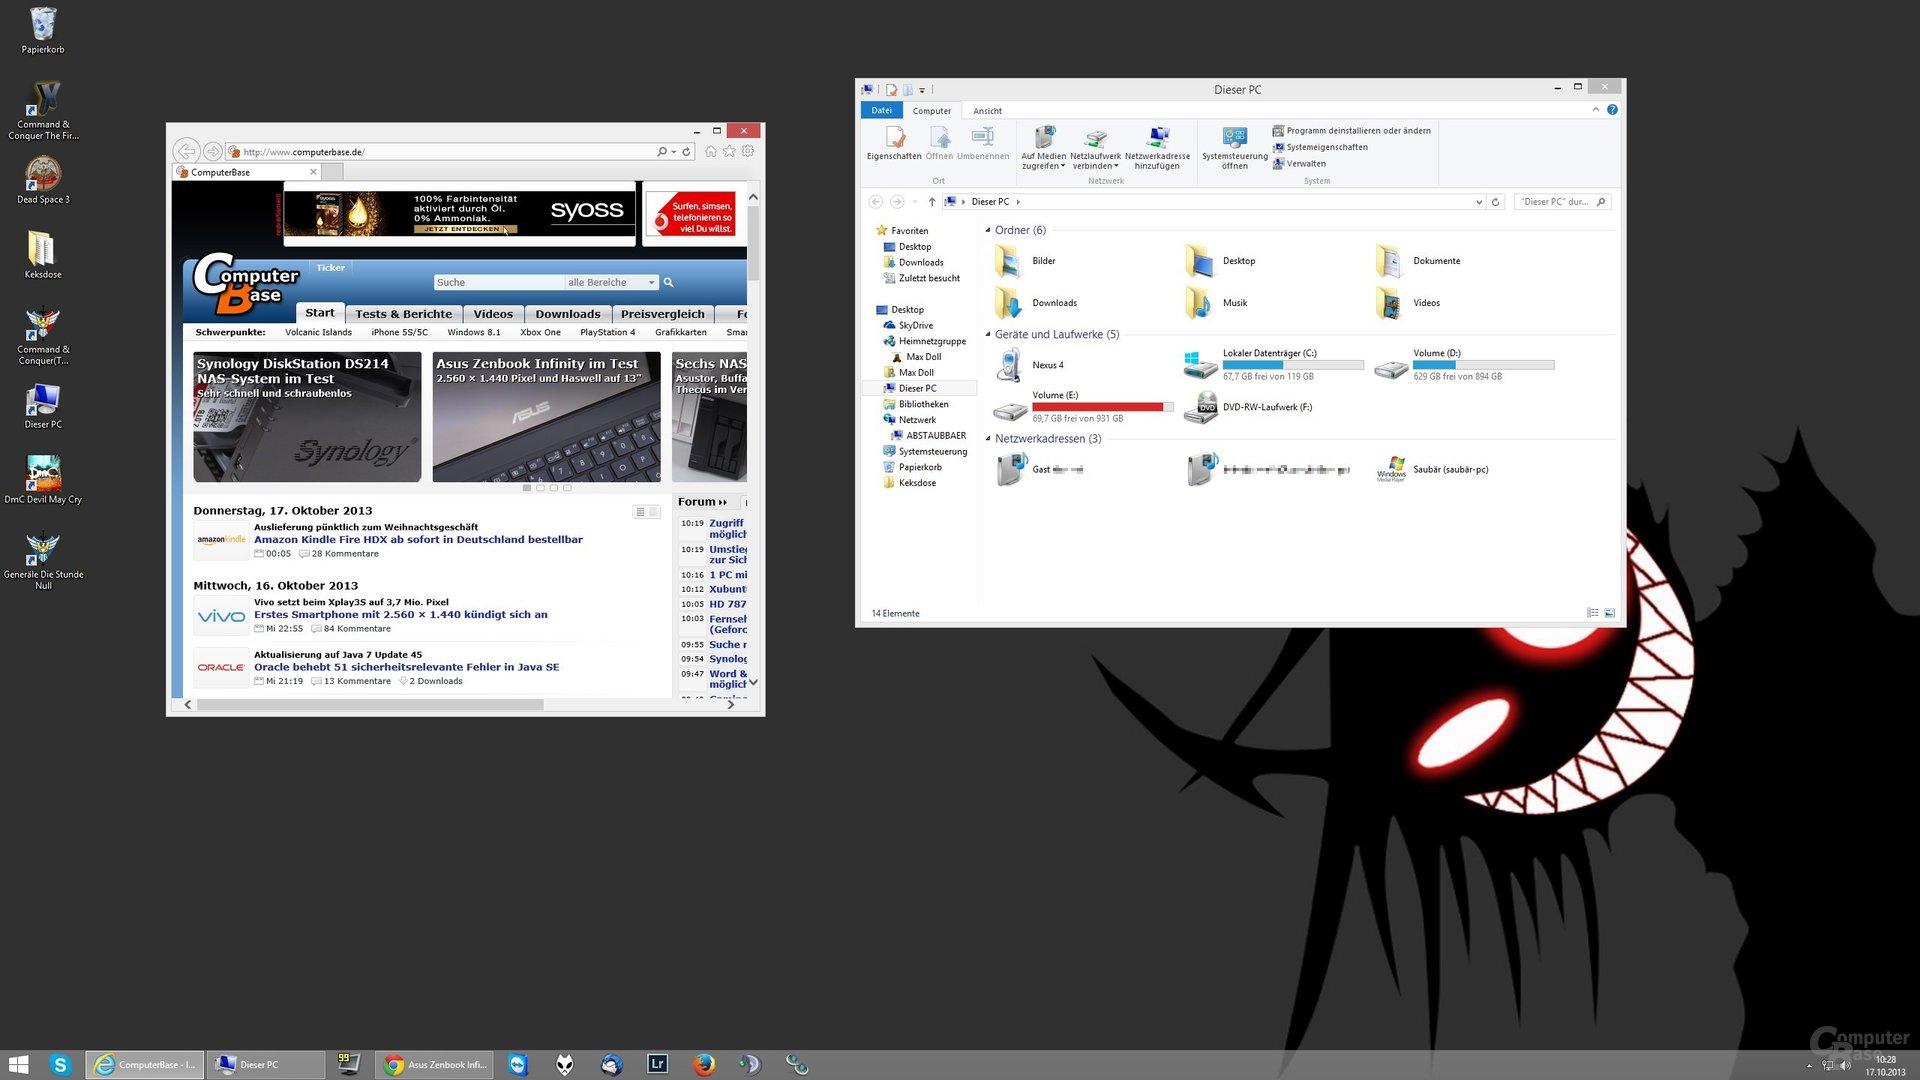 Desktop-Skalierung auf 100% (2560 x 1440)